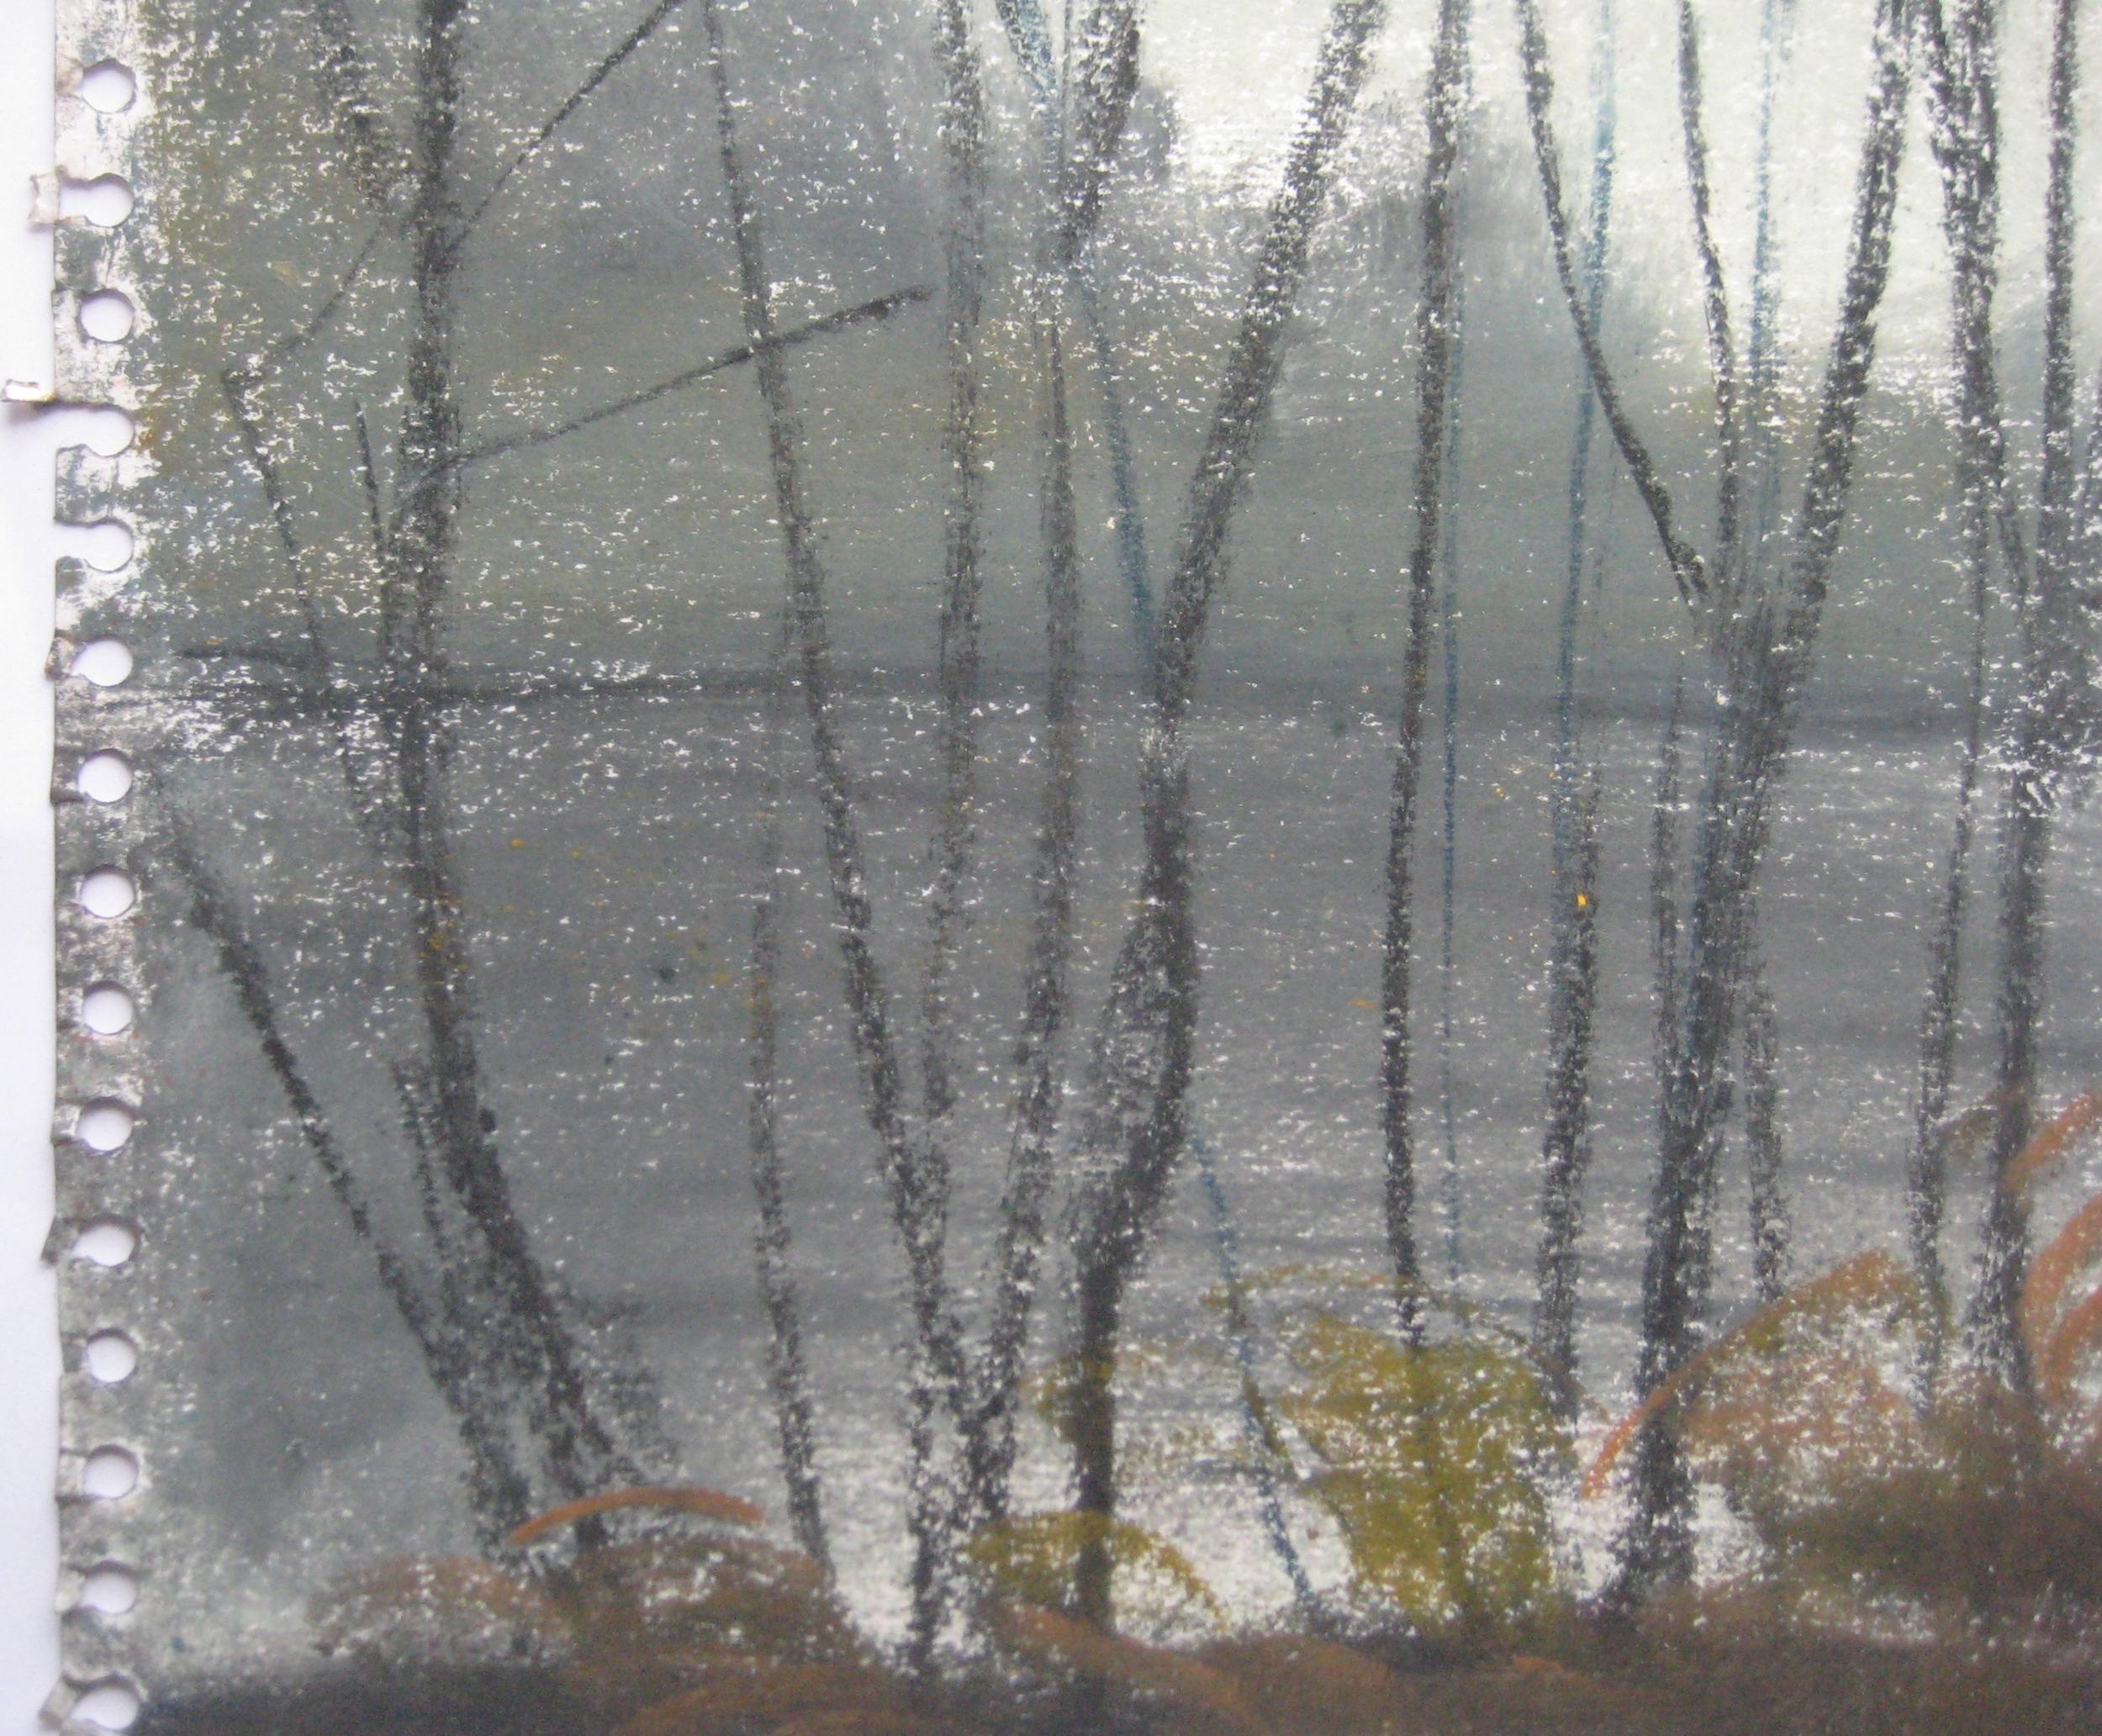 LAKE, EVENING 3